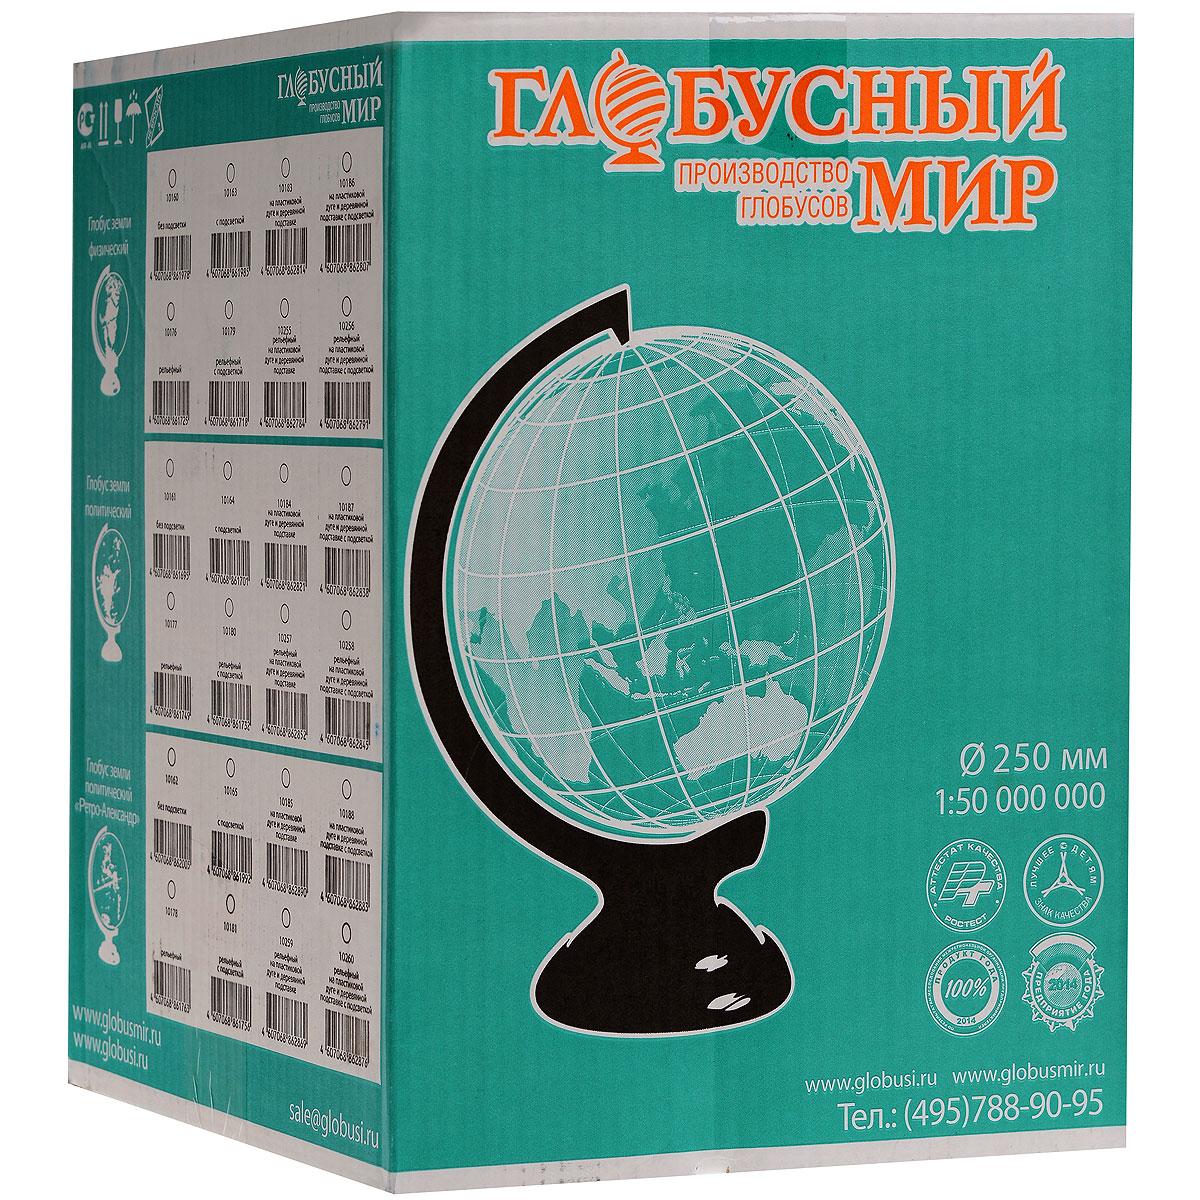 Глобусный мир Глобус с политической картой мира, рельефный, диаметр 25 см, на деревянной подставке